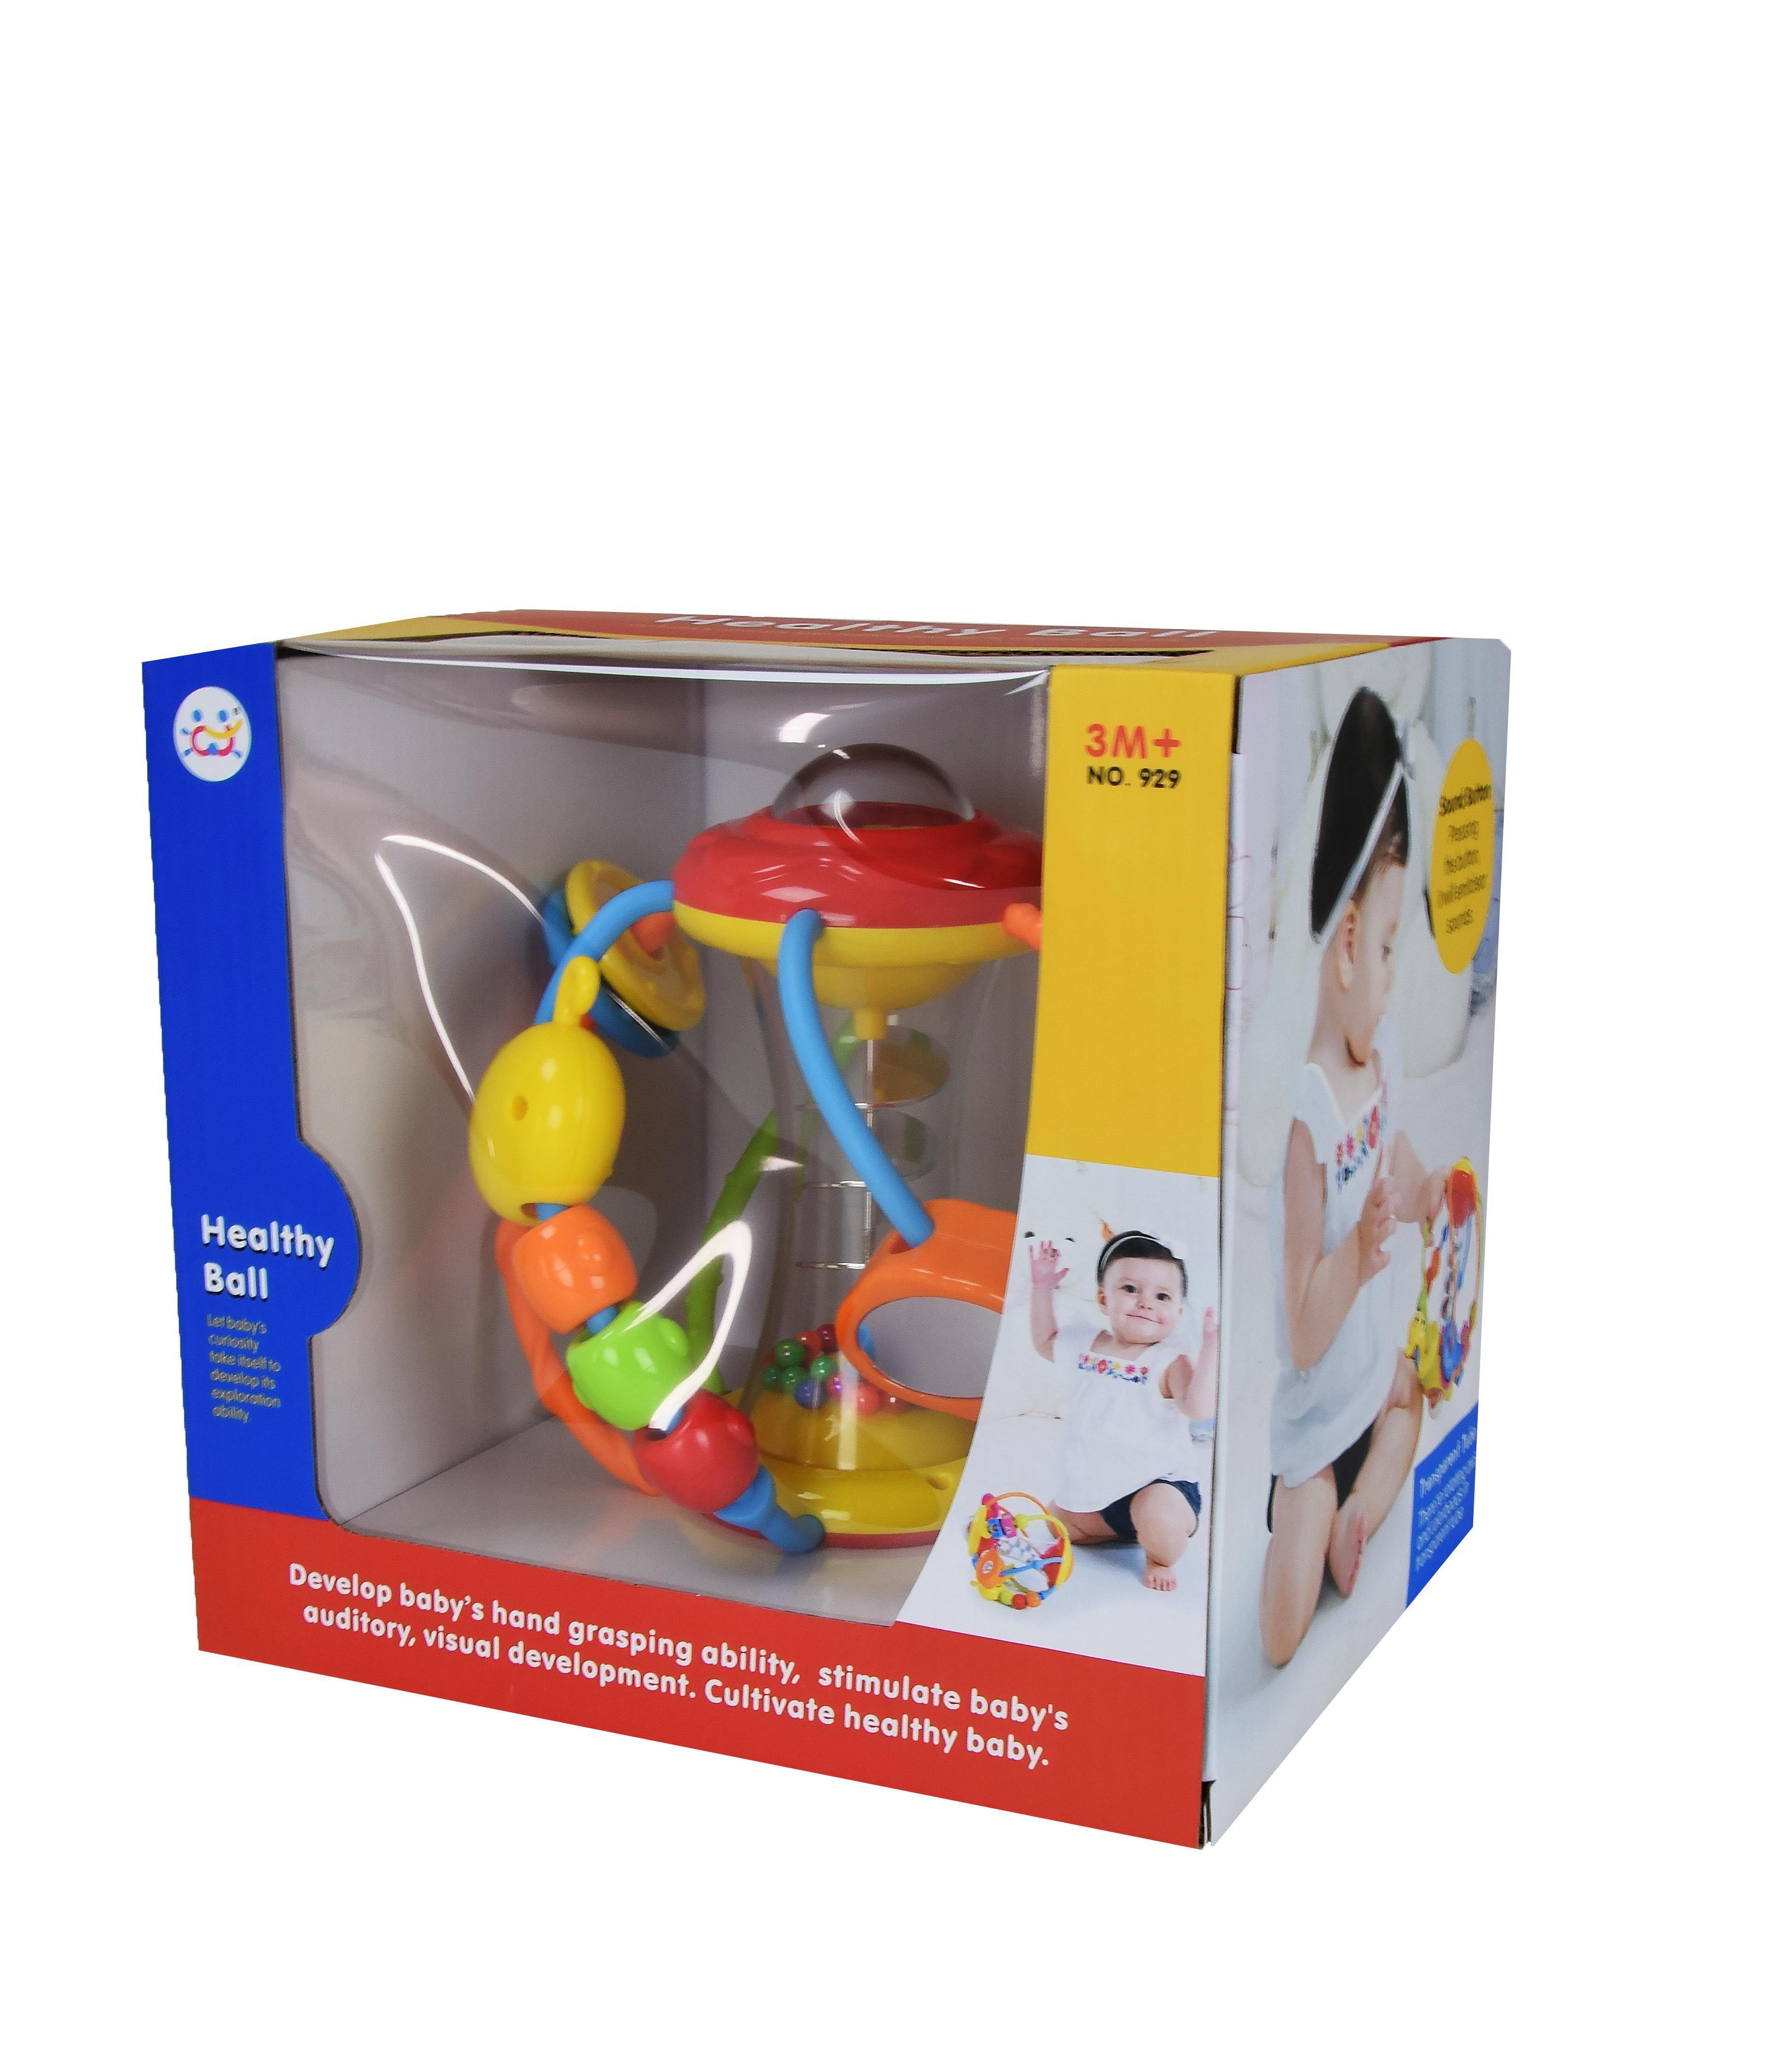 Іграшка арт 929 Брязкальце 20,5*19*17,5 см в коробці